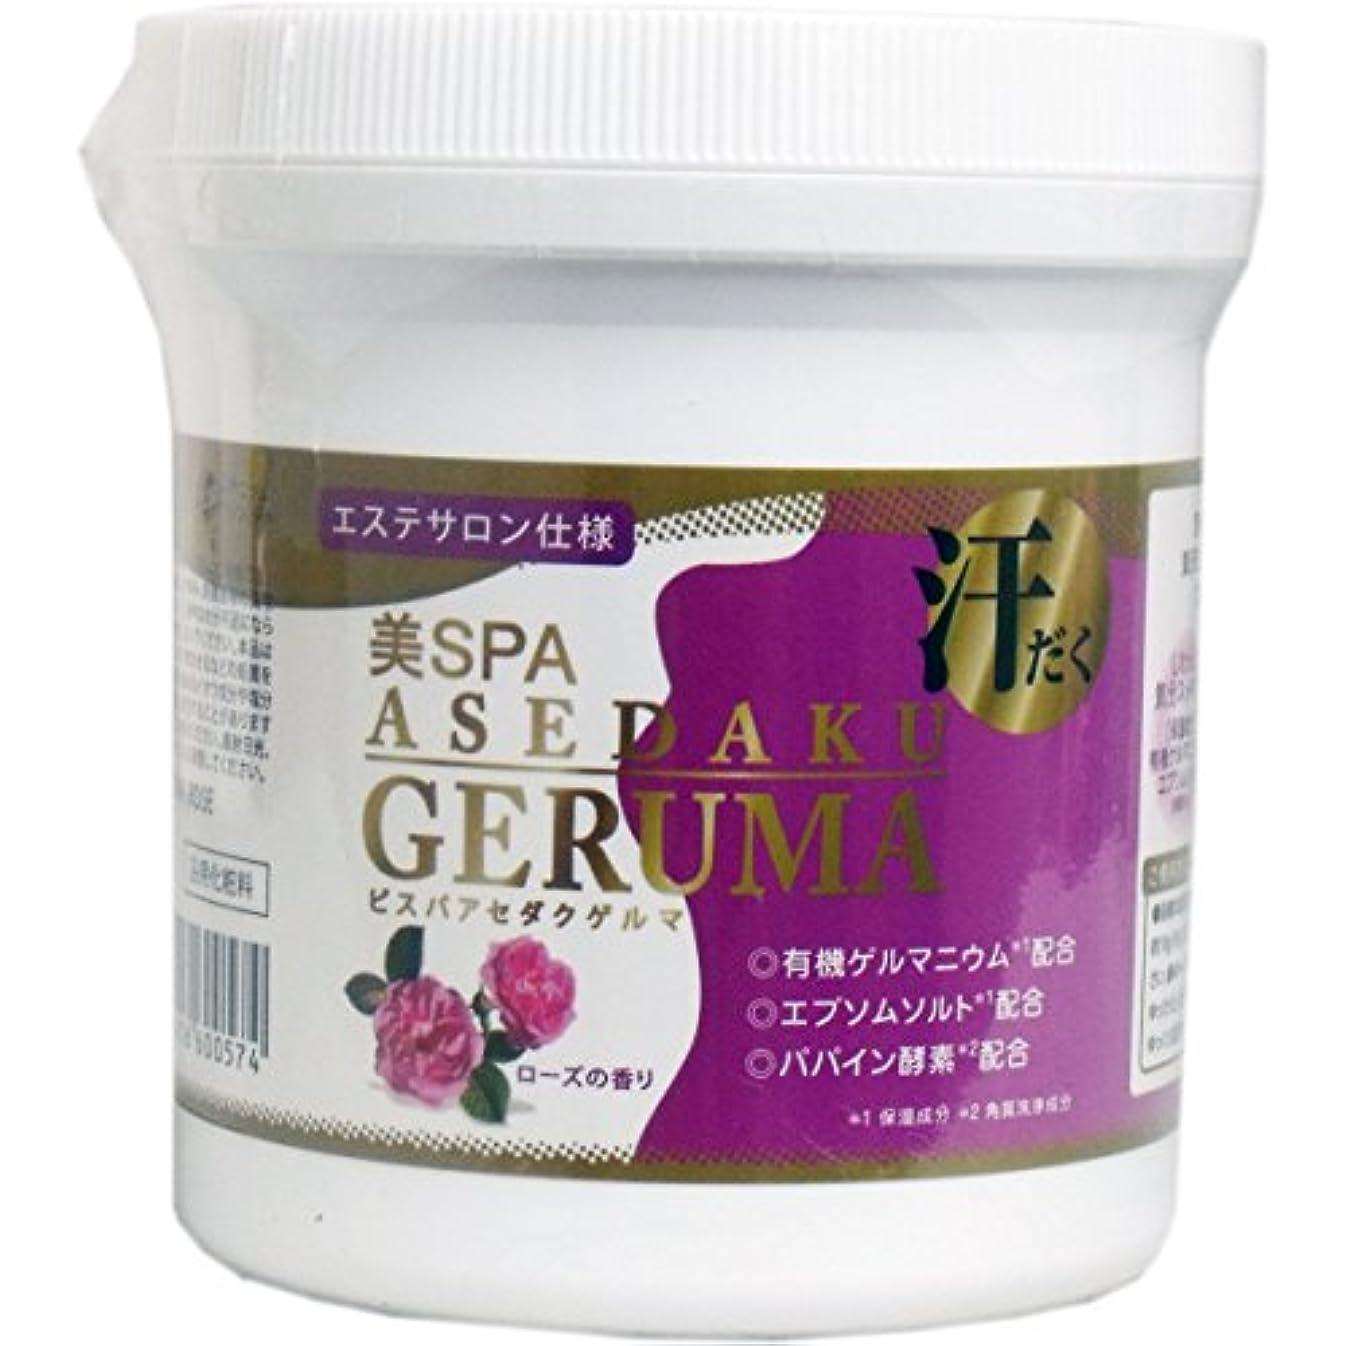 愛情発行する同意ゲルマニウム入浴料 美SPA ASEDAKU GERUMA ROSE(ローズ) ボトル 400g